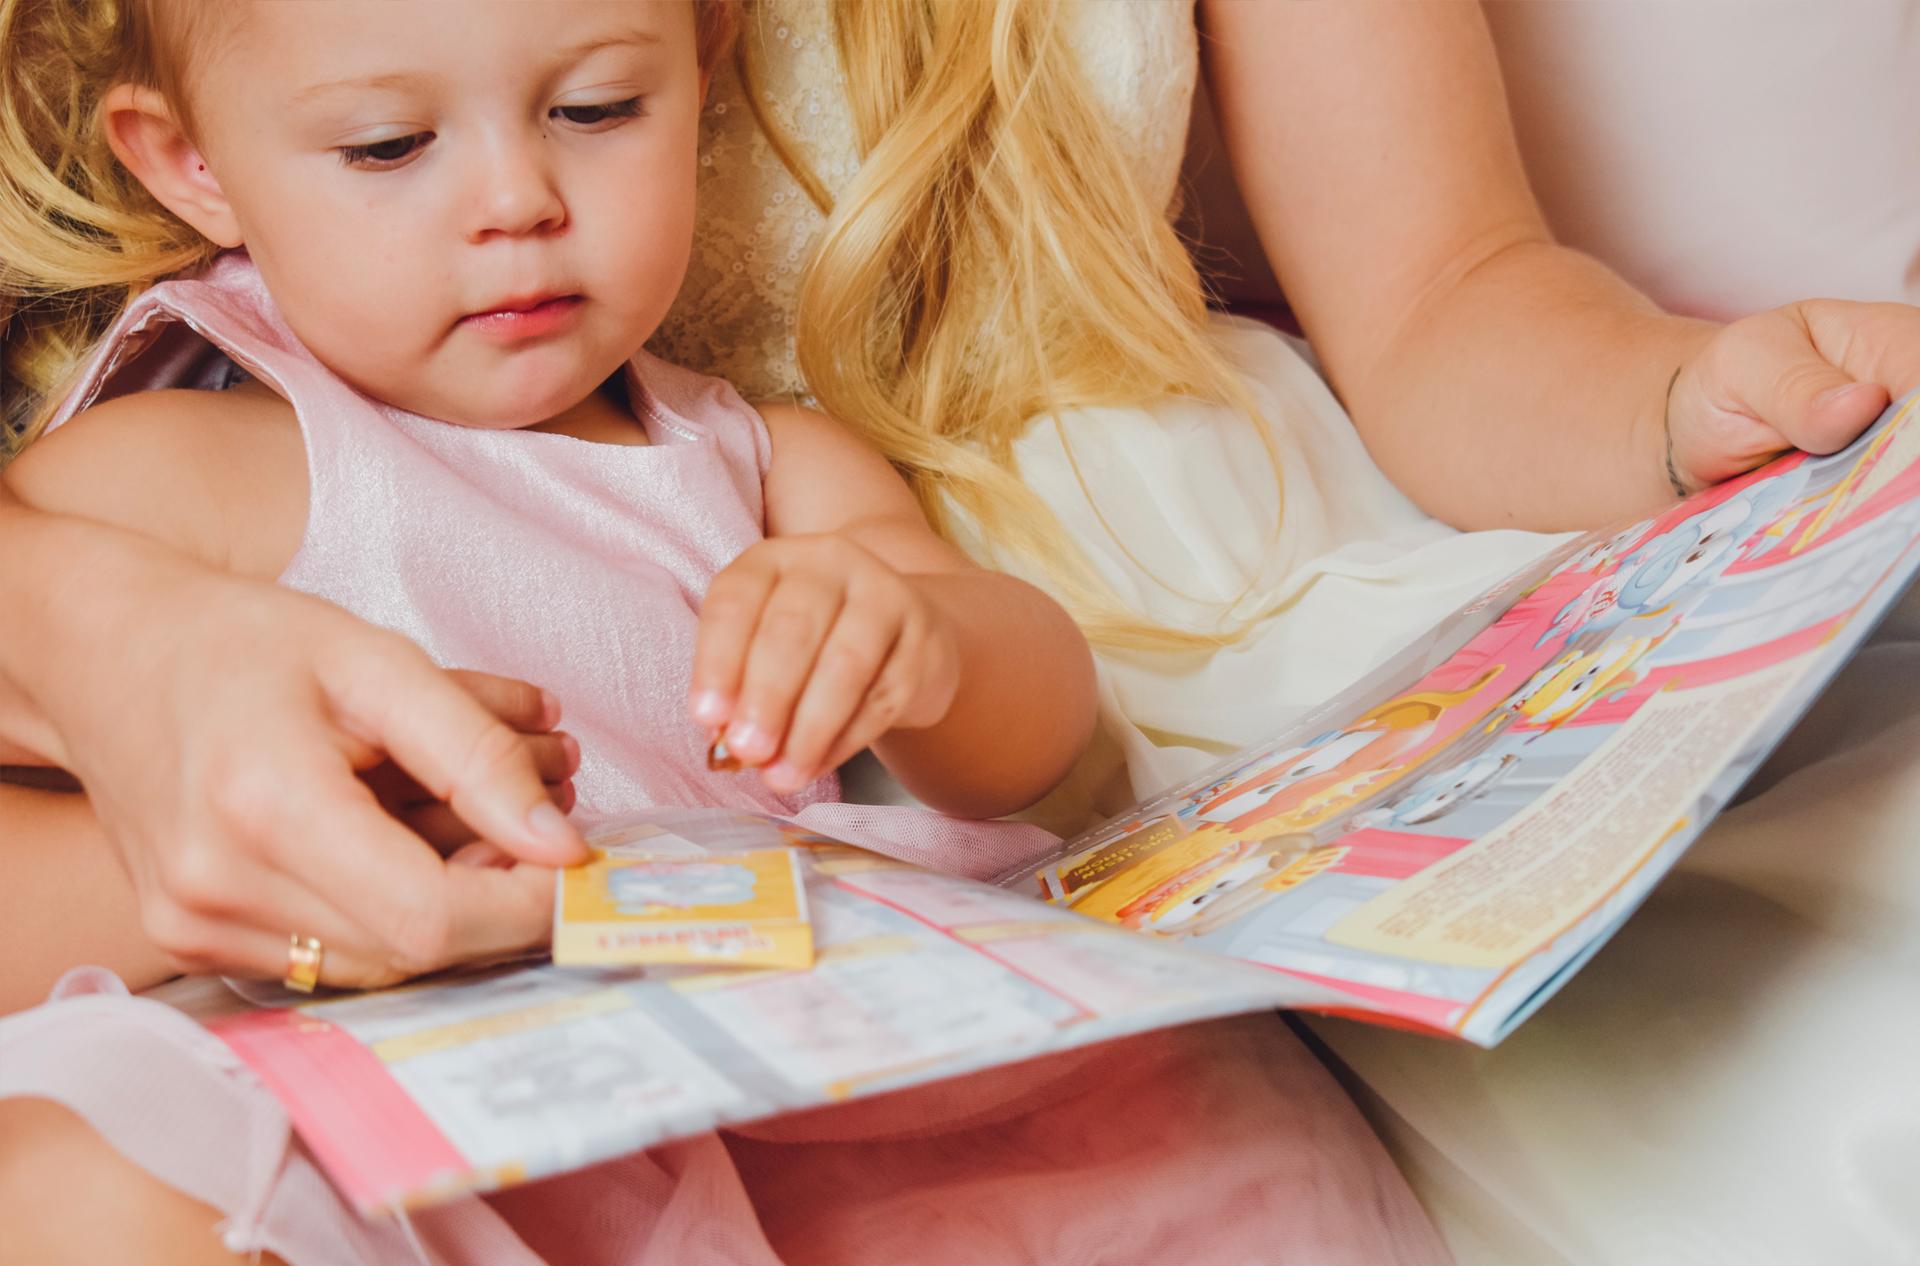 5 Tipps, wie ihr die Lese-Liebe eurer Kinder fördert inkl. gratis Stickeralbum von Hugendubel 2